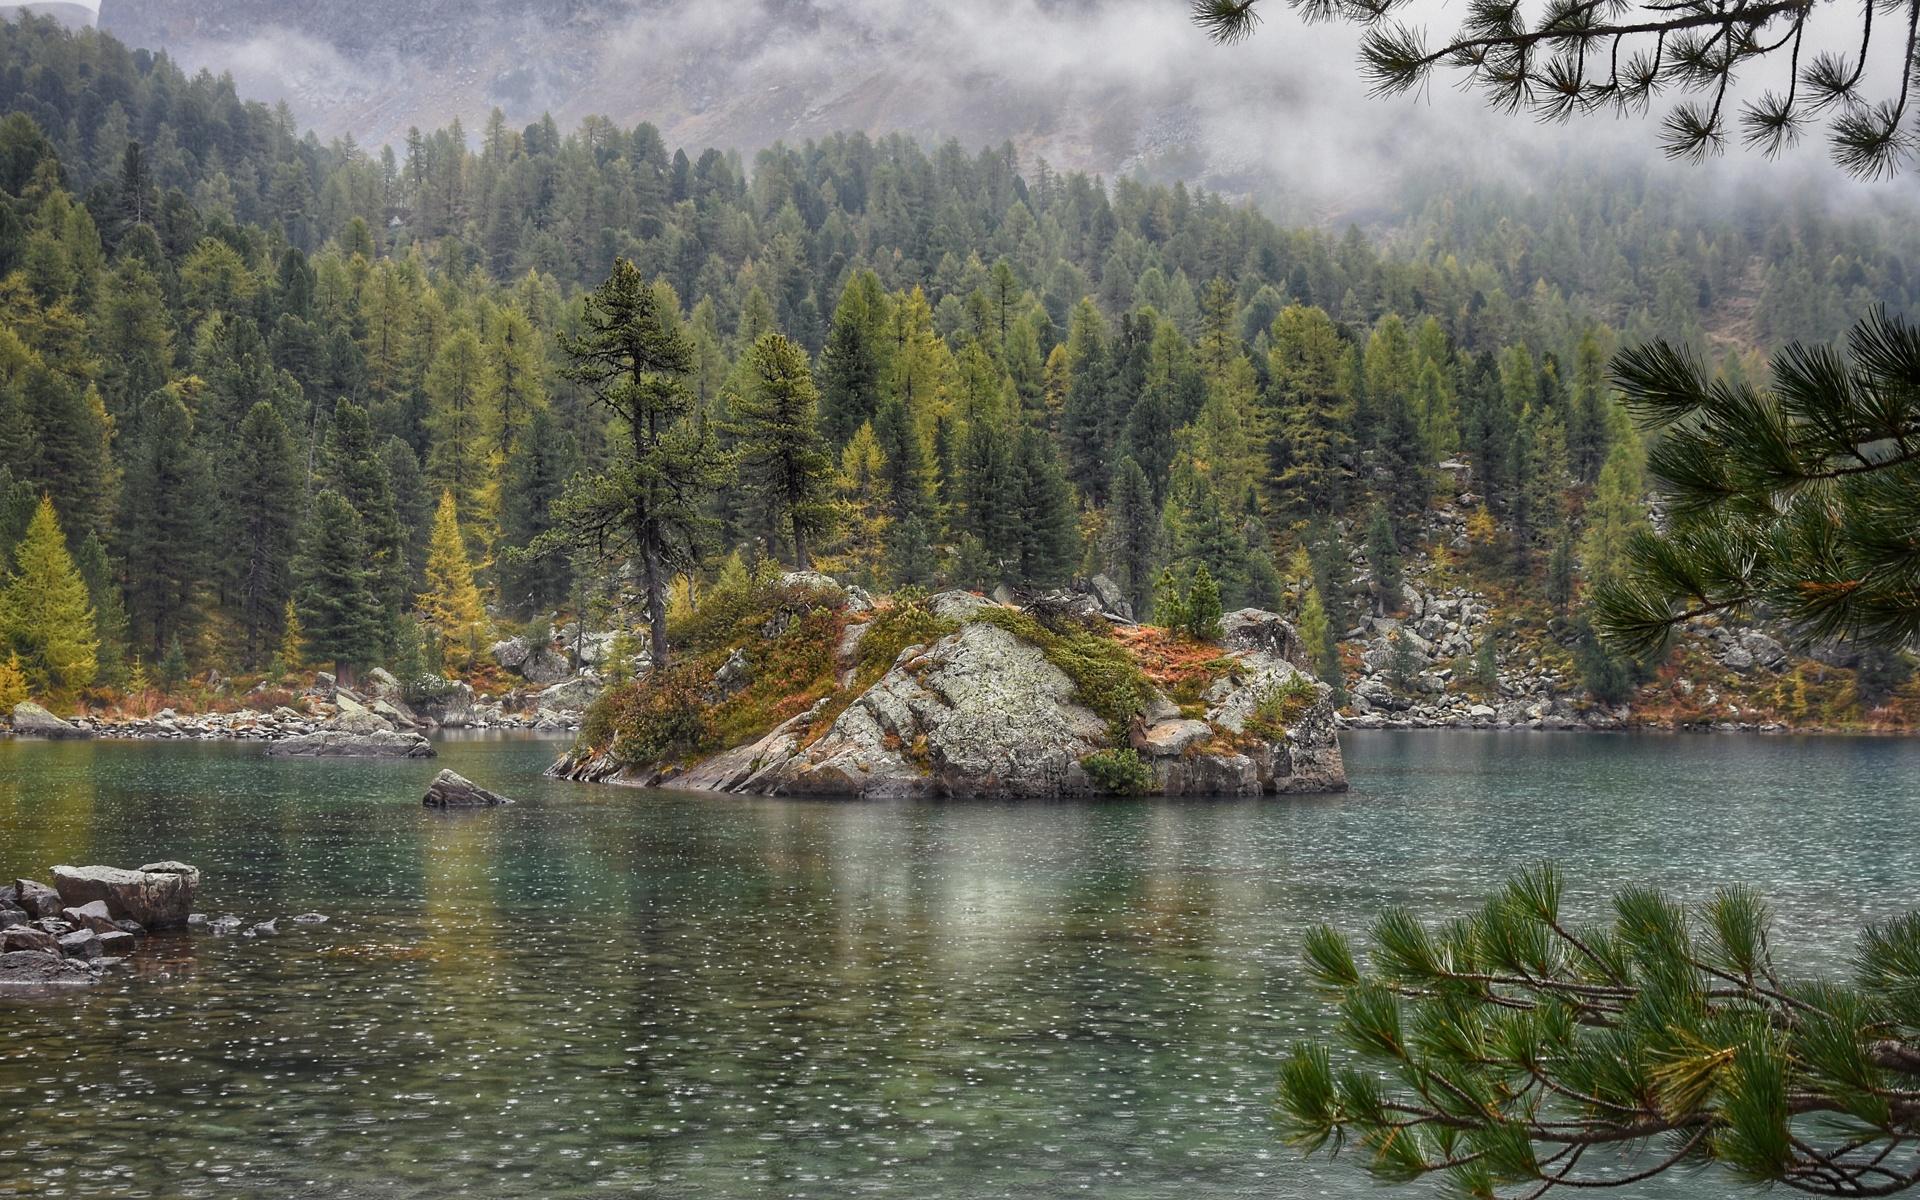 германия, берг, озеро, островок, деревья